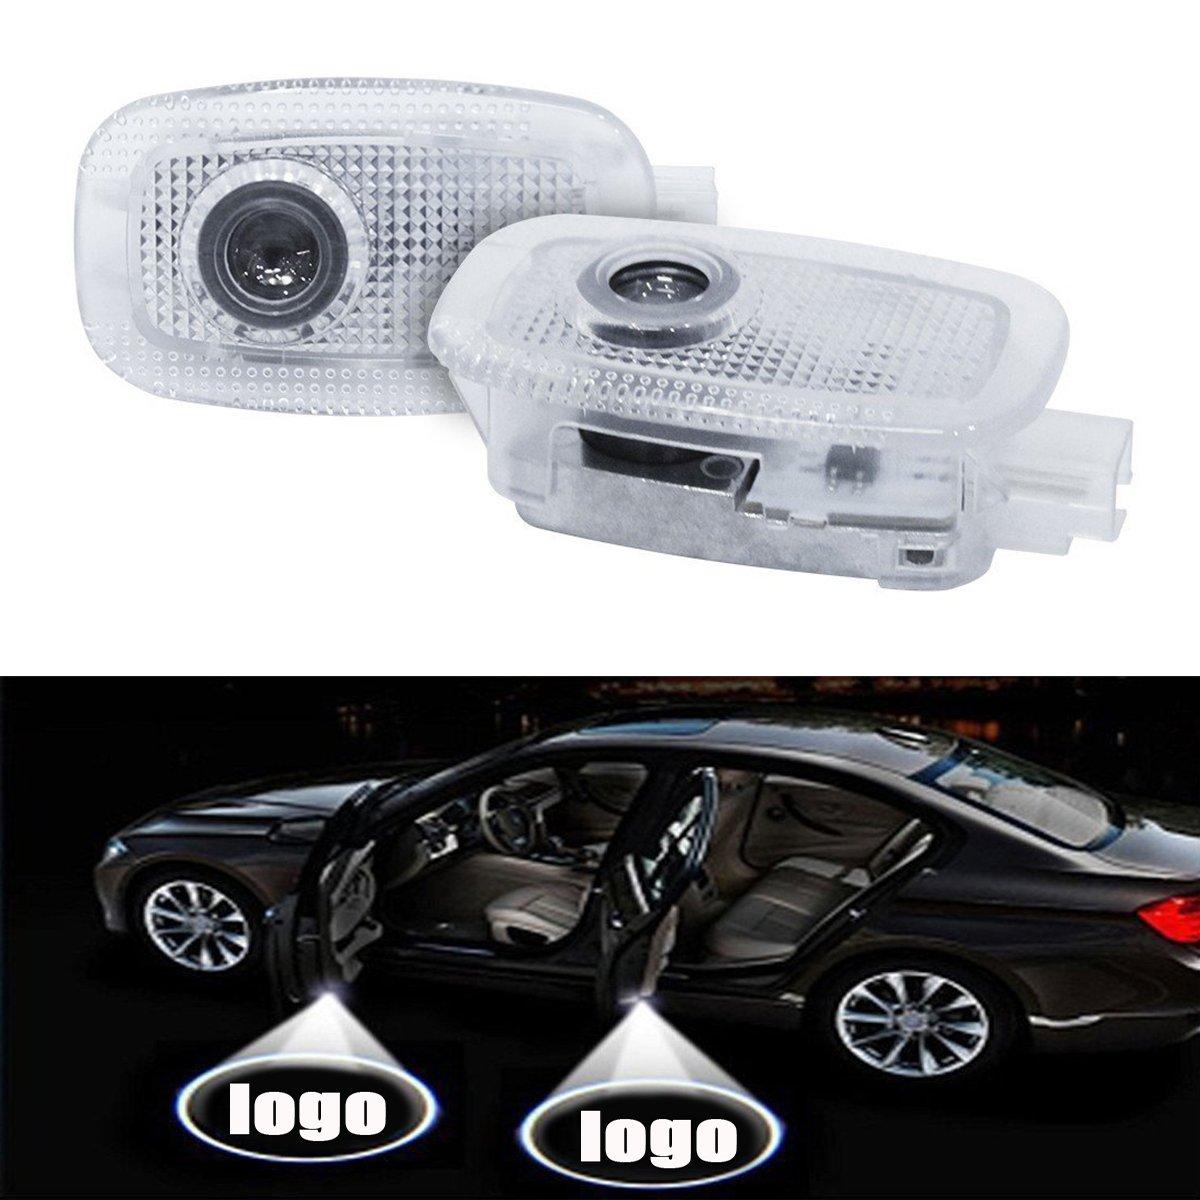 SMKJ Bienvenue Lumiè re, 1 paire É clairage d'accueil LED Installation facile Projecteur de porte de voiture Logo Esprit Lumiè res Ombre Pour S (W221) (2008-2013 )